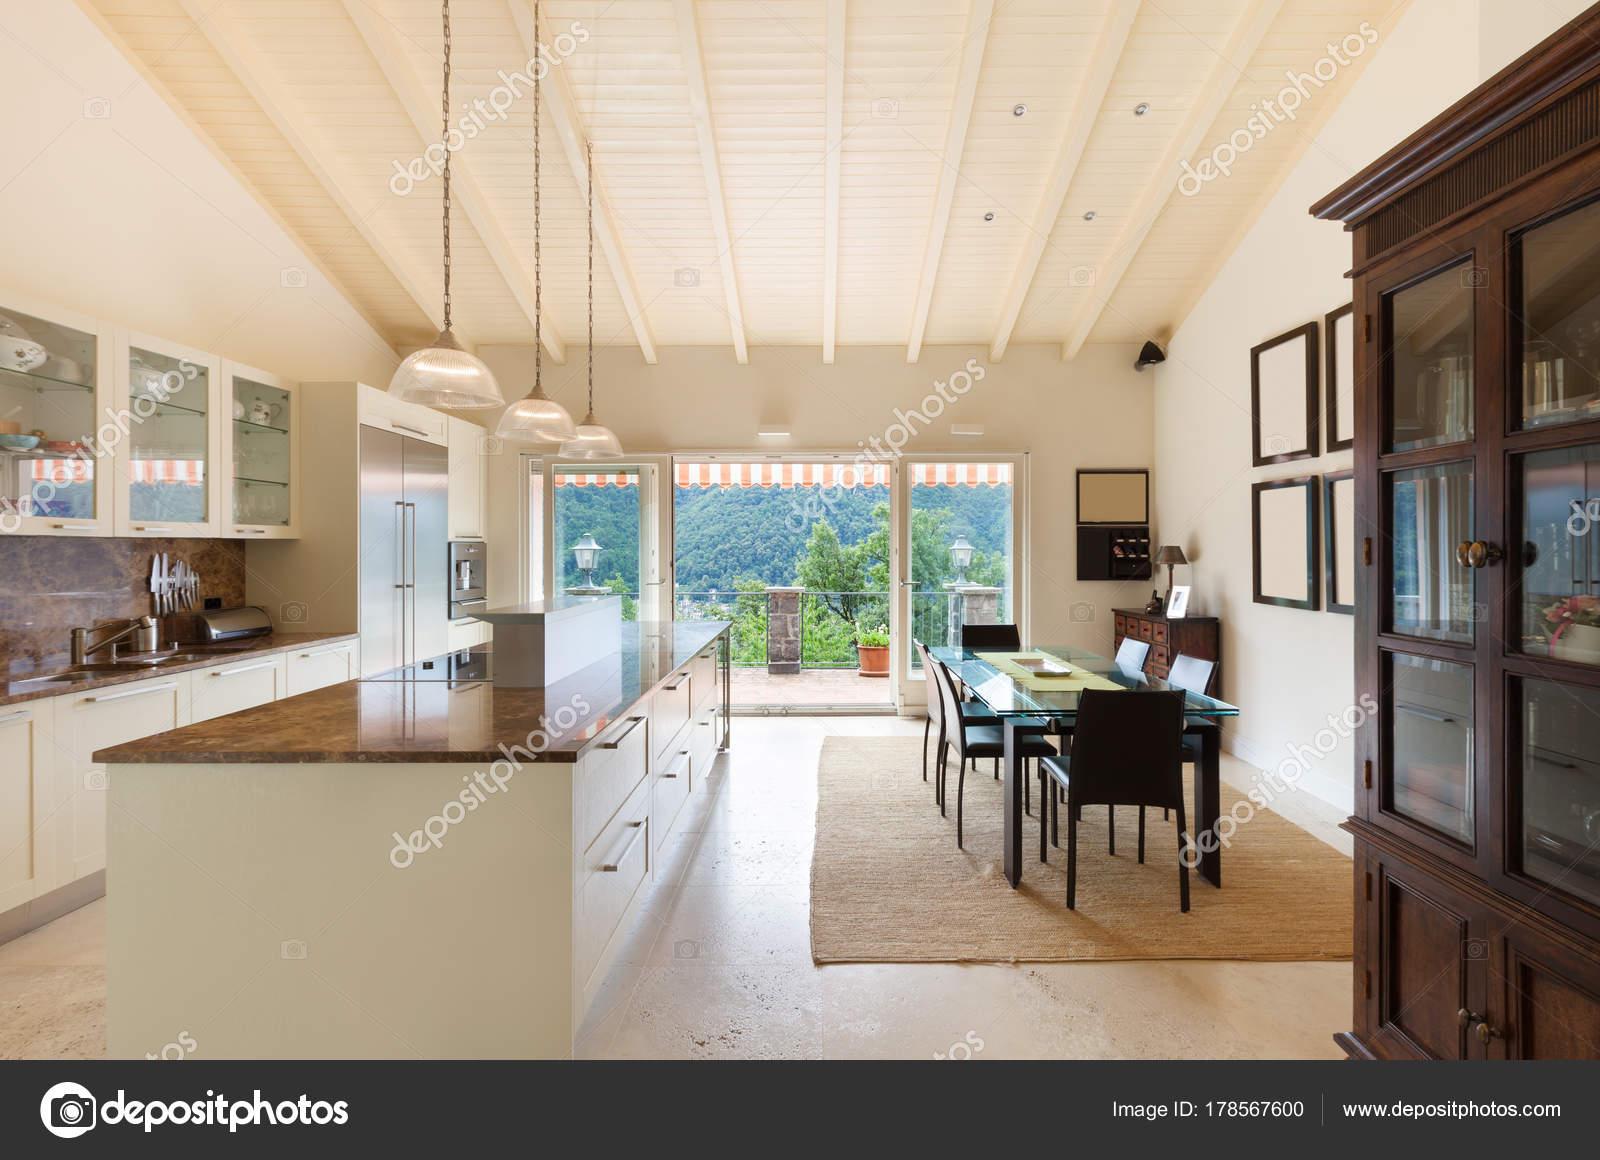 Haus, große Küche — Stockfoto © Zveiger #178567600